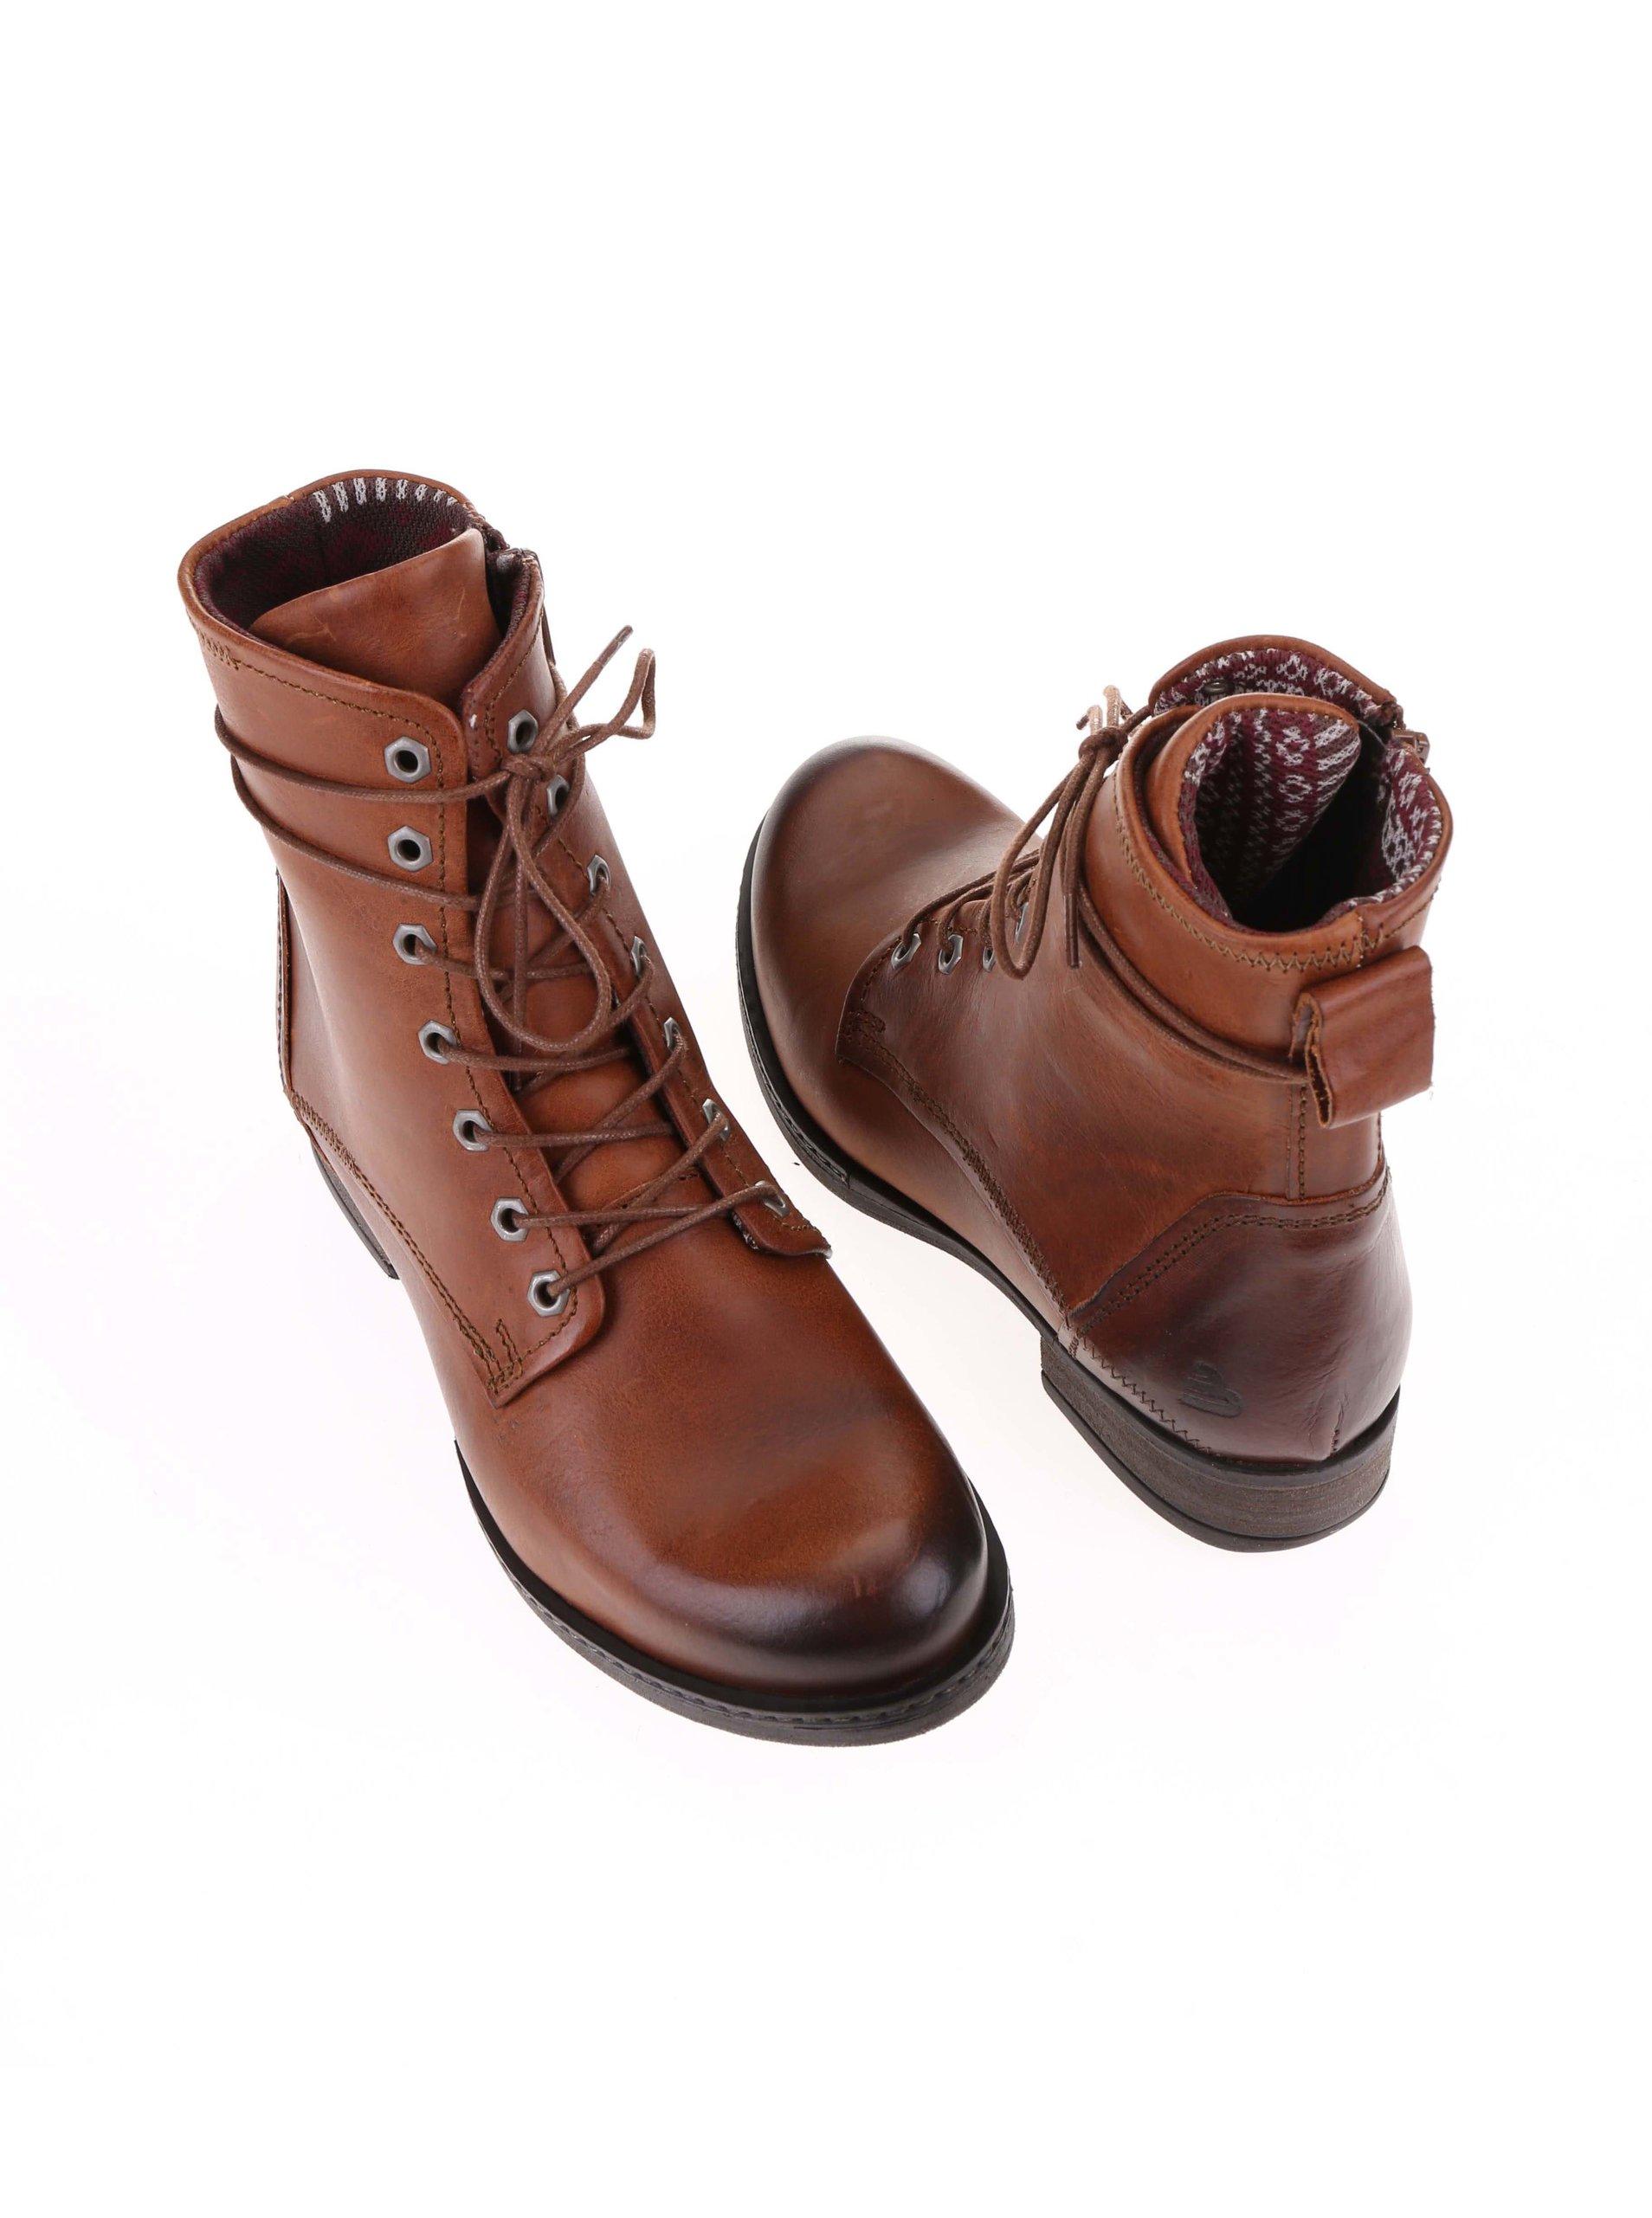 352e1e84c0c8f Hnedé dámske kožené šnurovacie topánky Bullboxer | ZOOT.sk